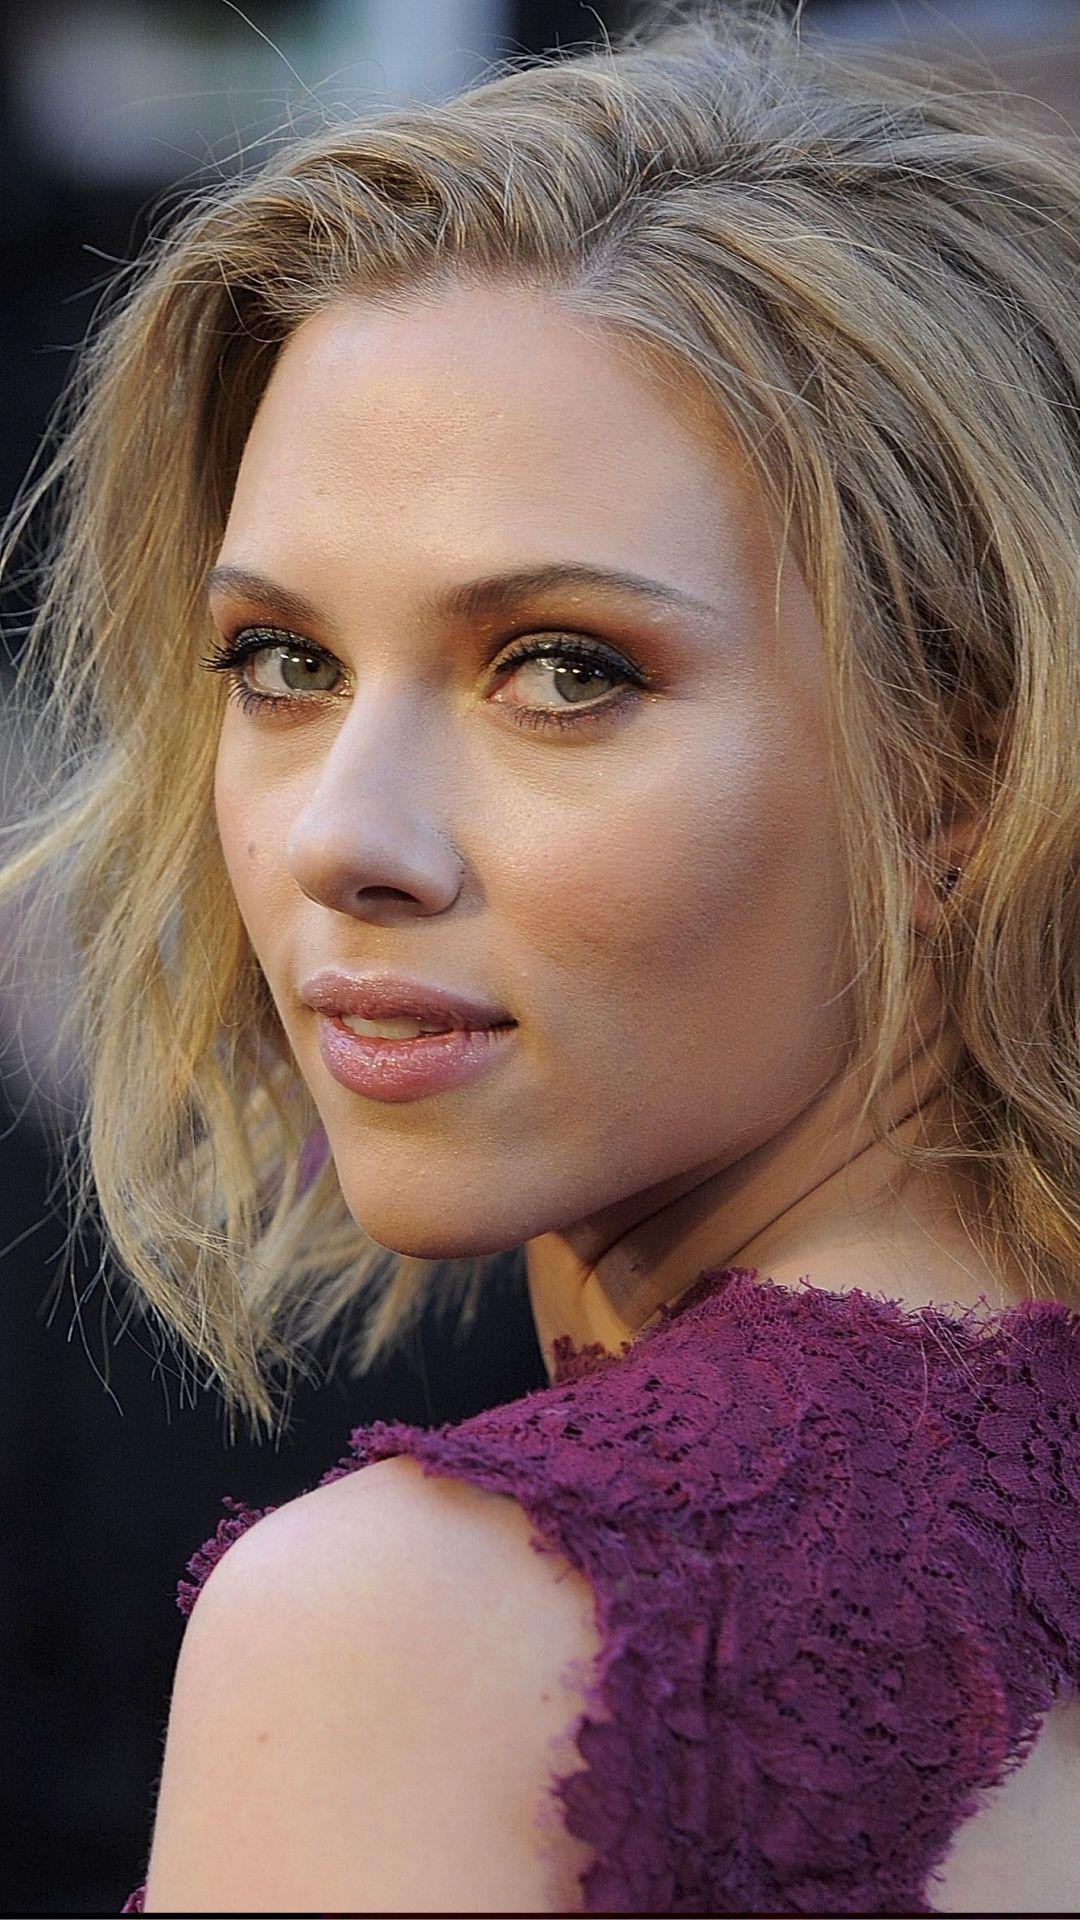 Celebrity Scarlett Johansson 1080x1920 Mobile Wallpaper 1080x1920